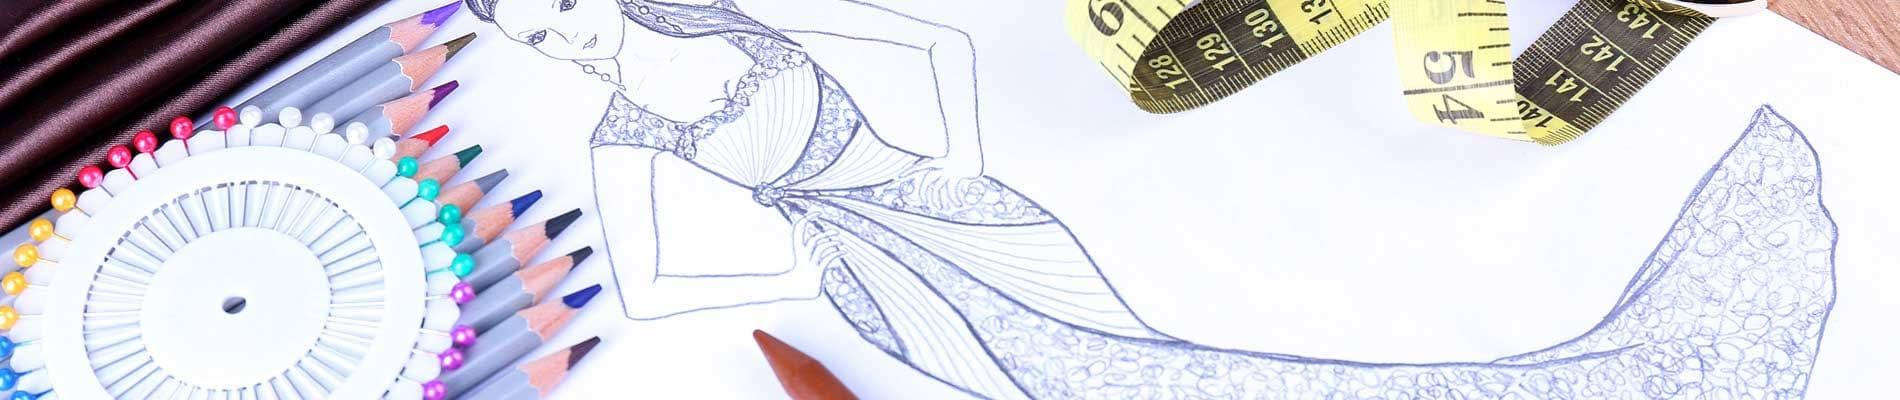 Disegno tessile e moda